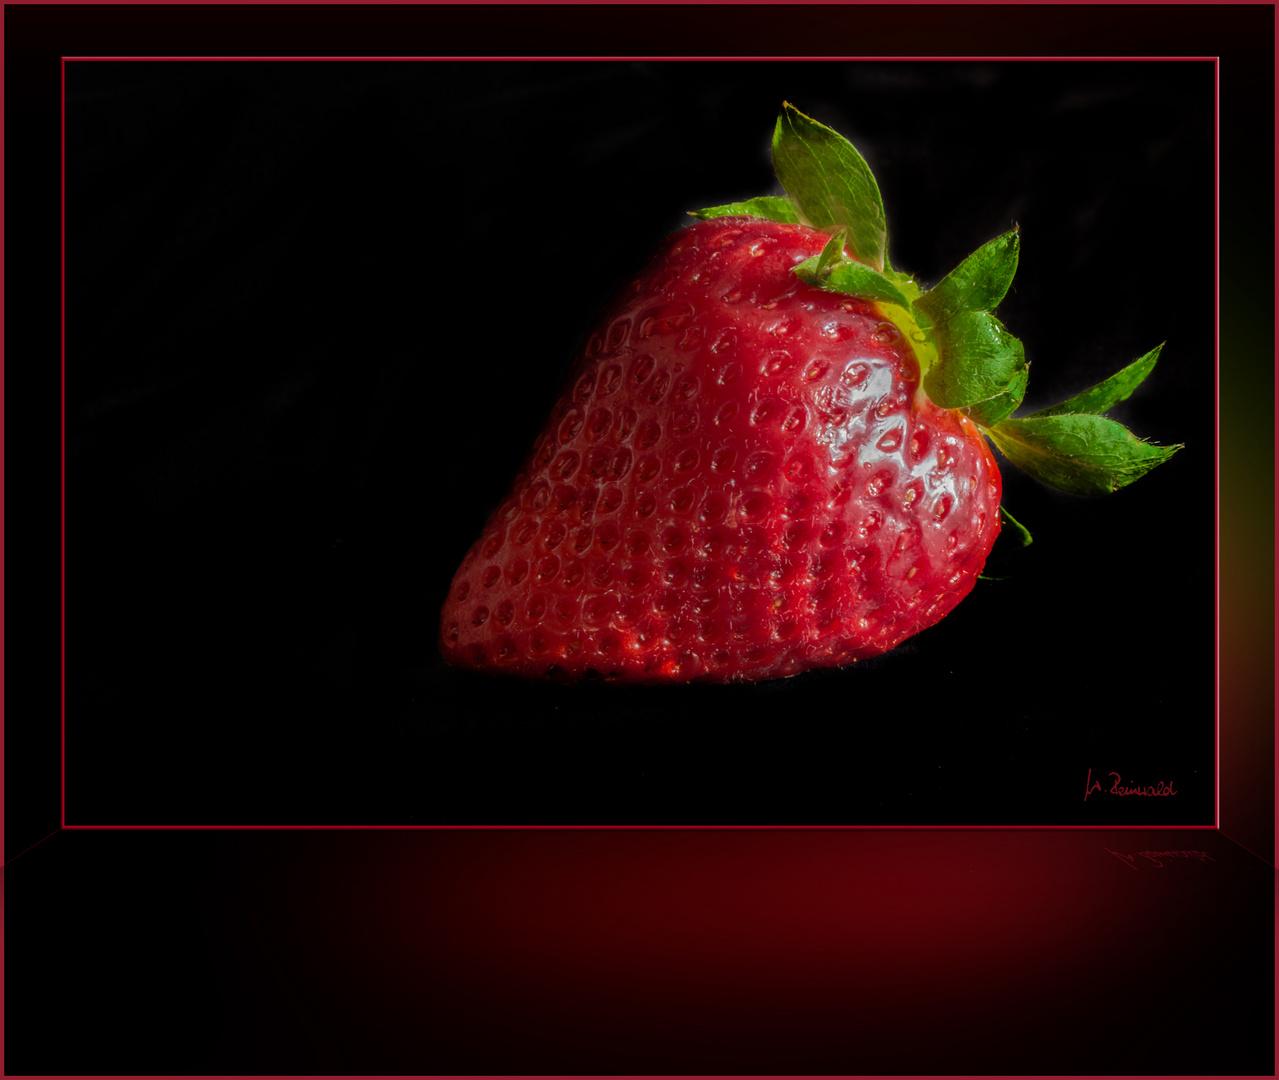 Und noch eine Erdbeere